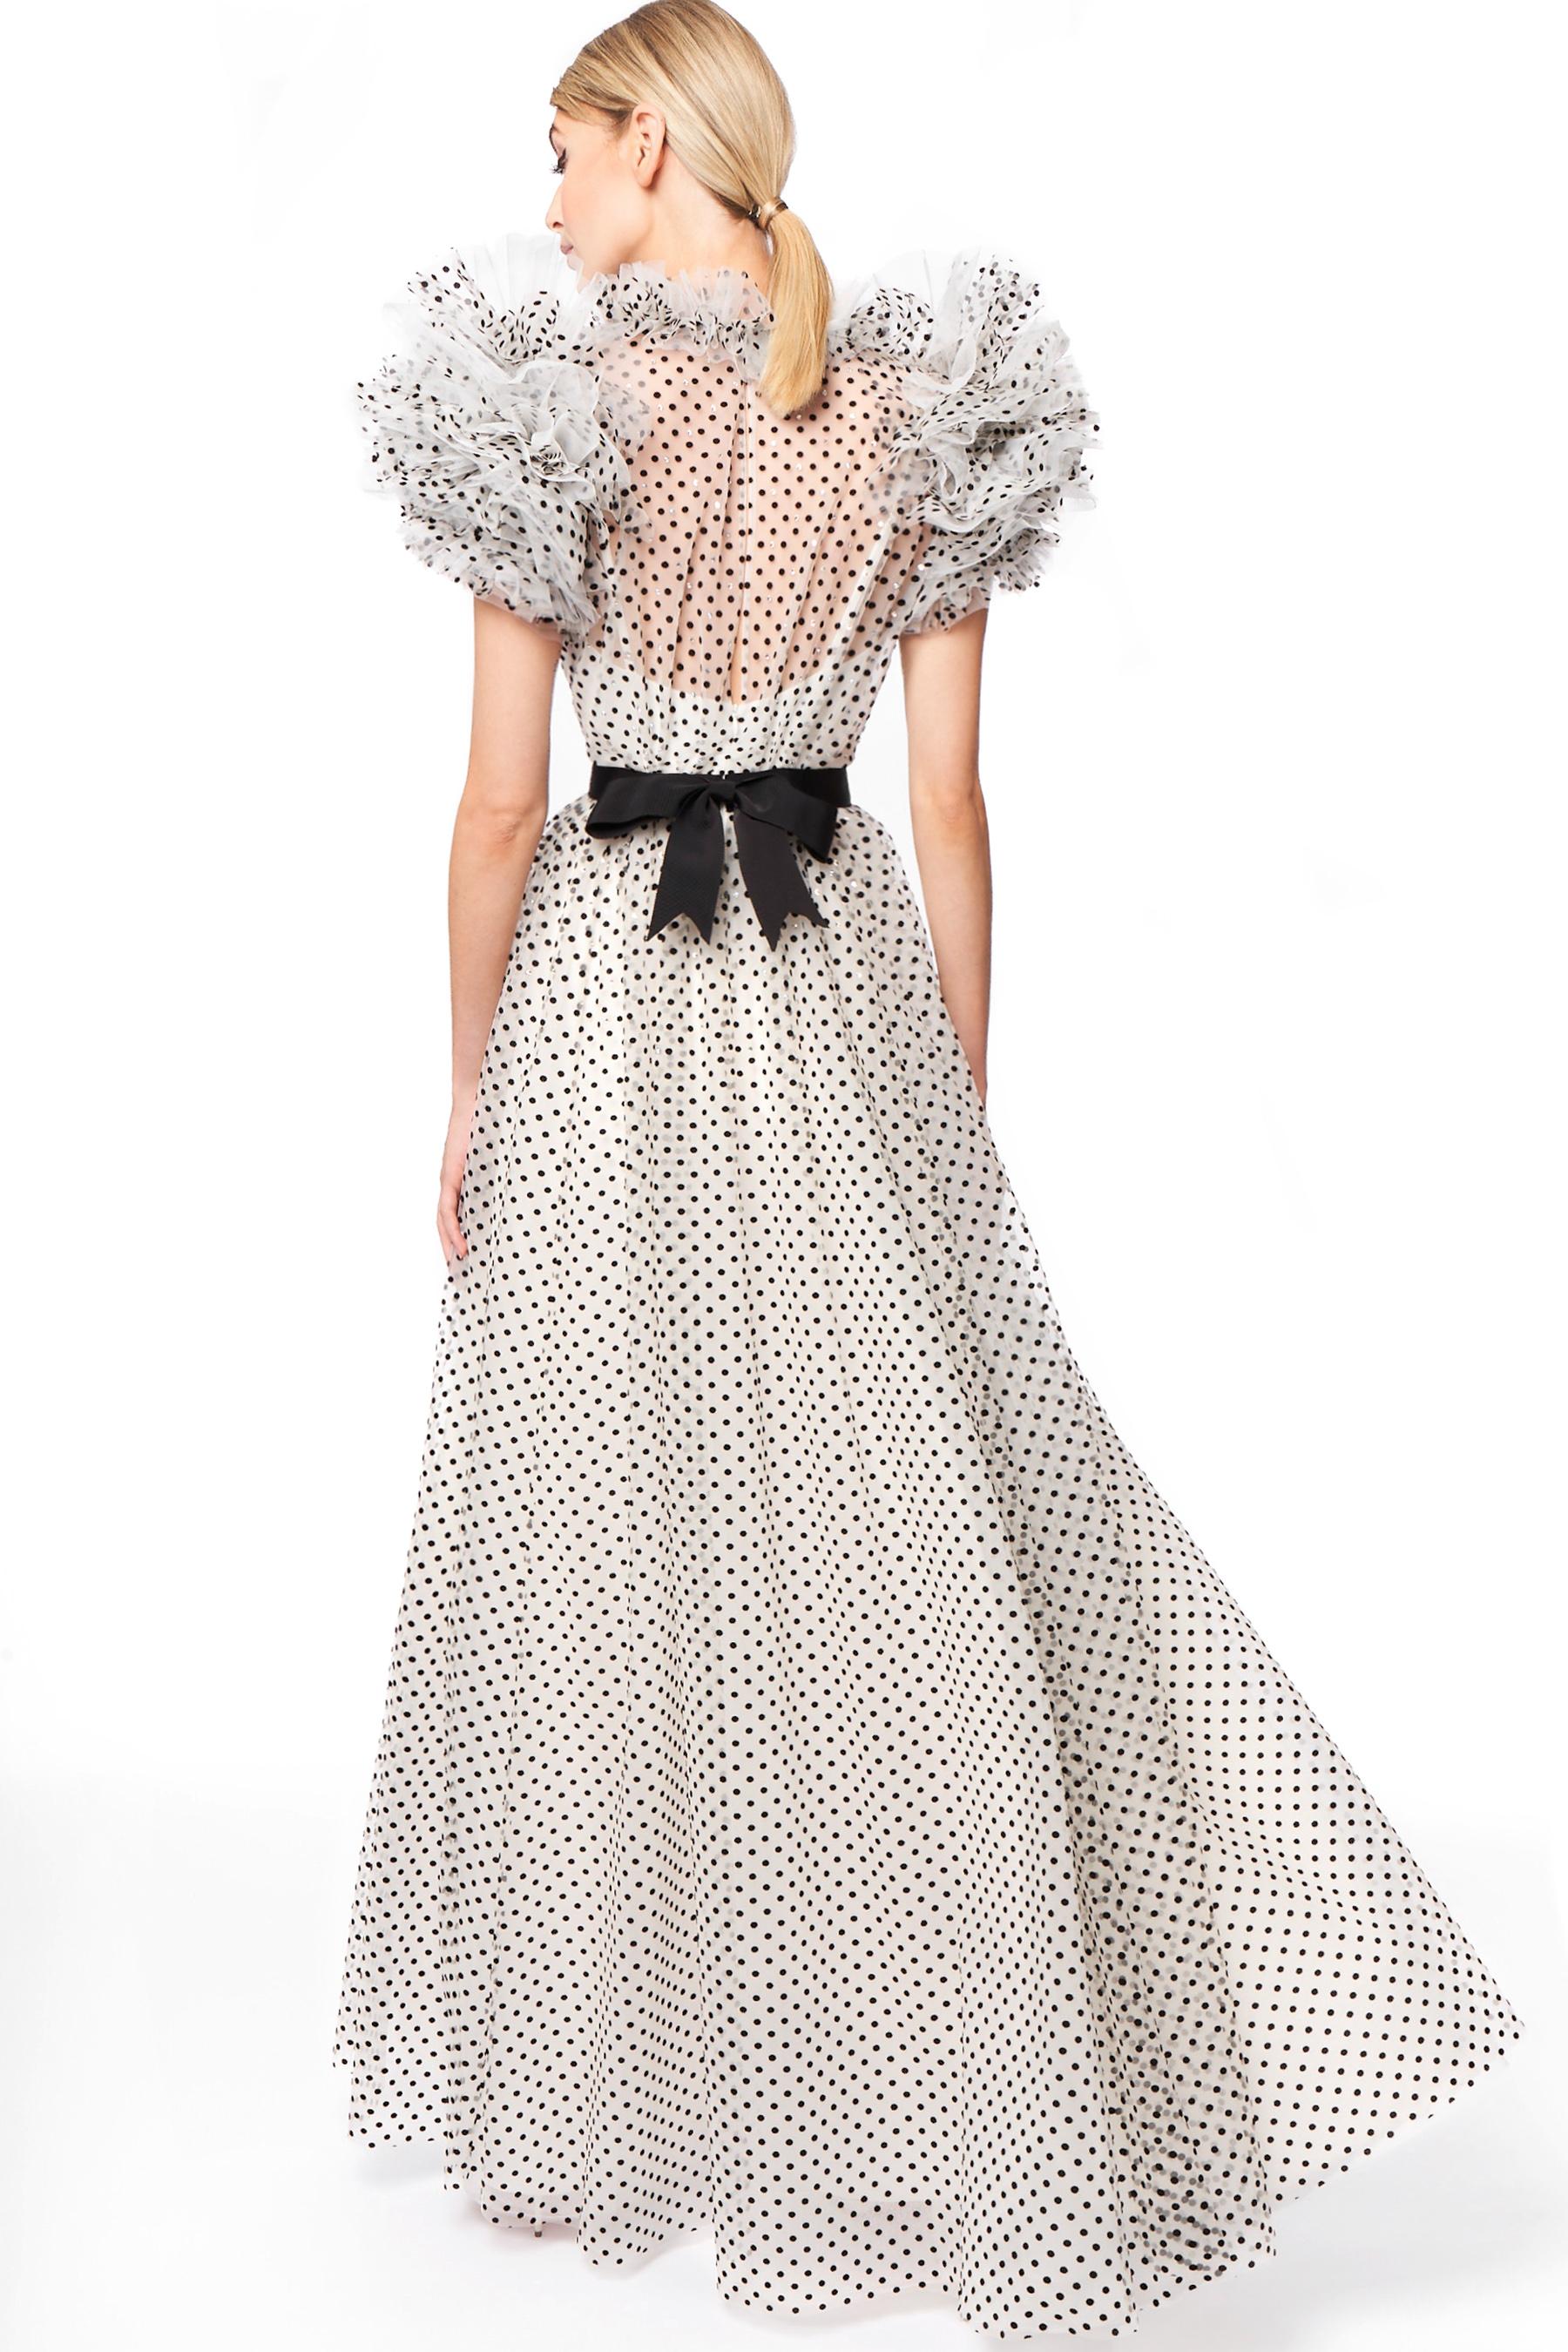 Jenny Packham Spring 2021 Fashion Show Photos